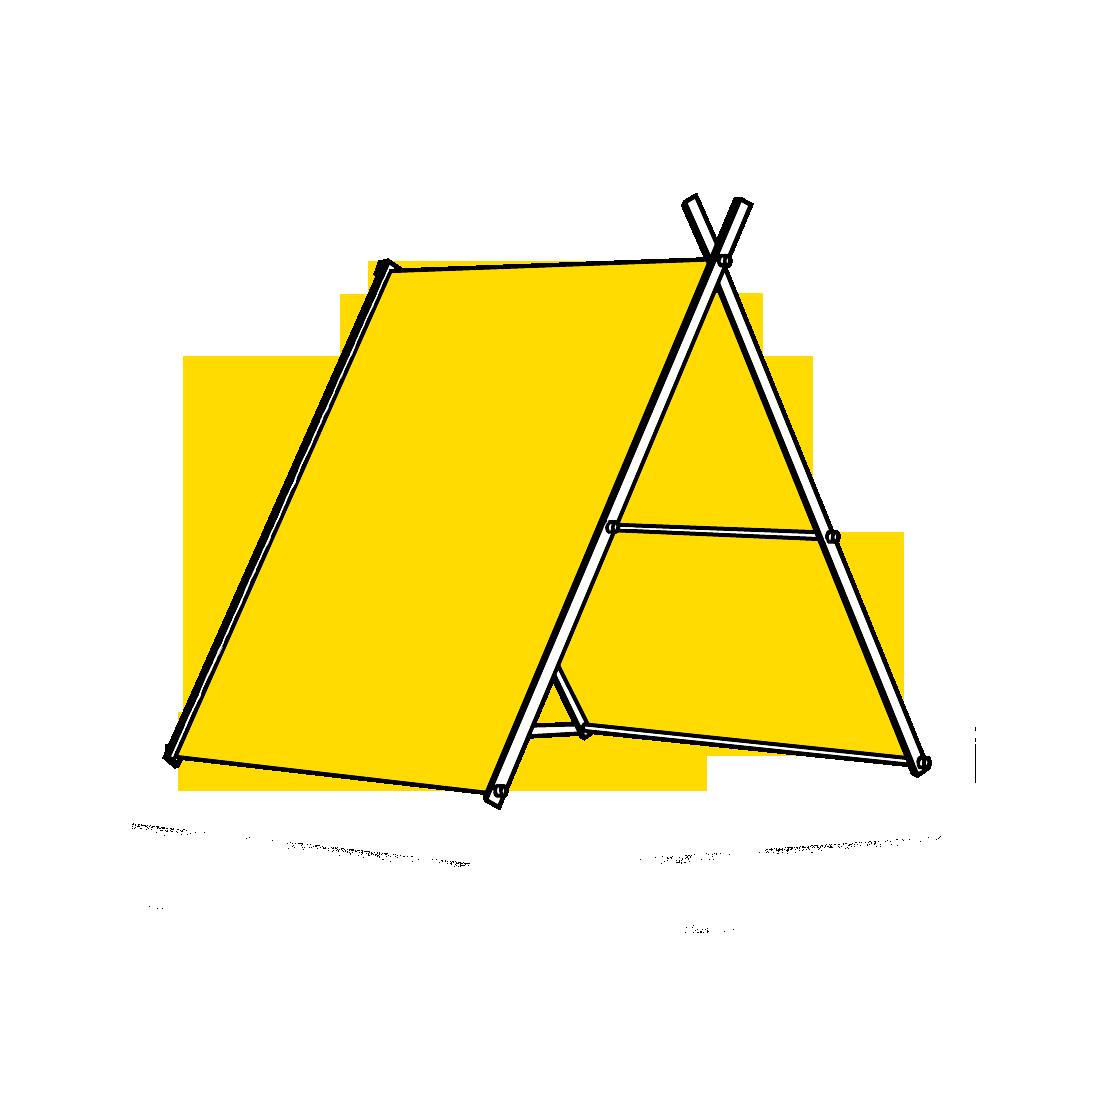 yeu_mt_jaune_citron